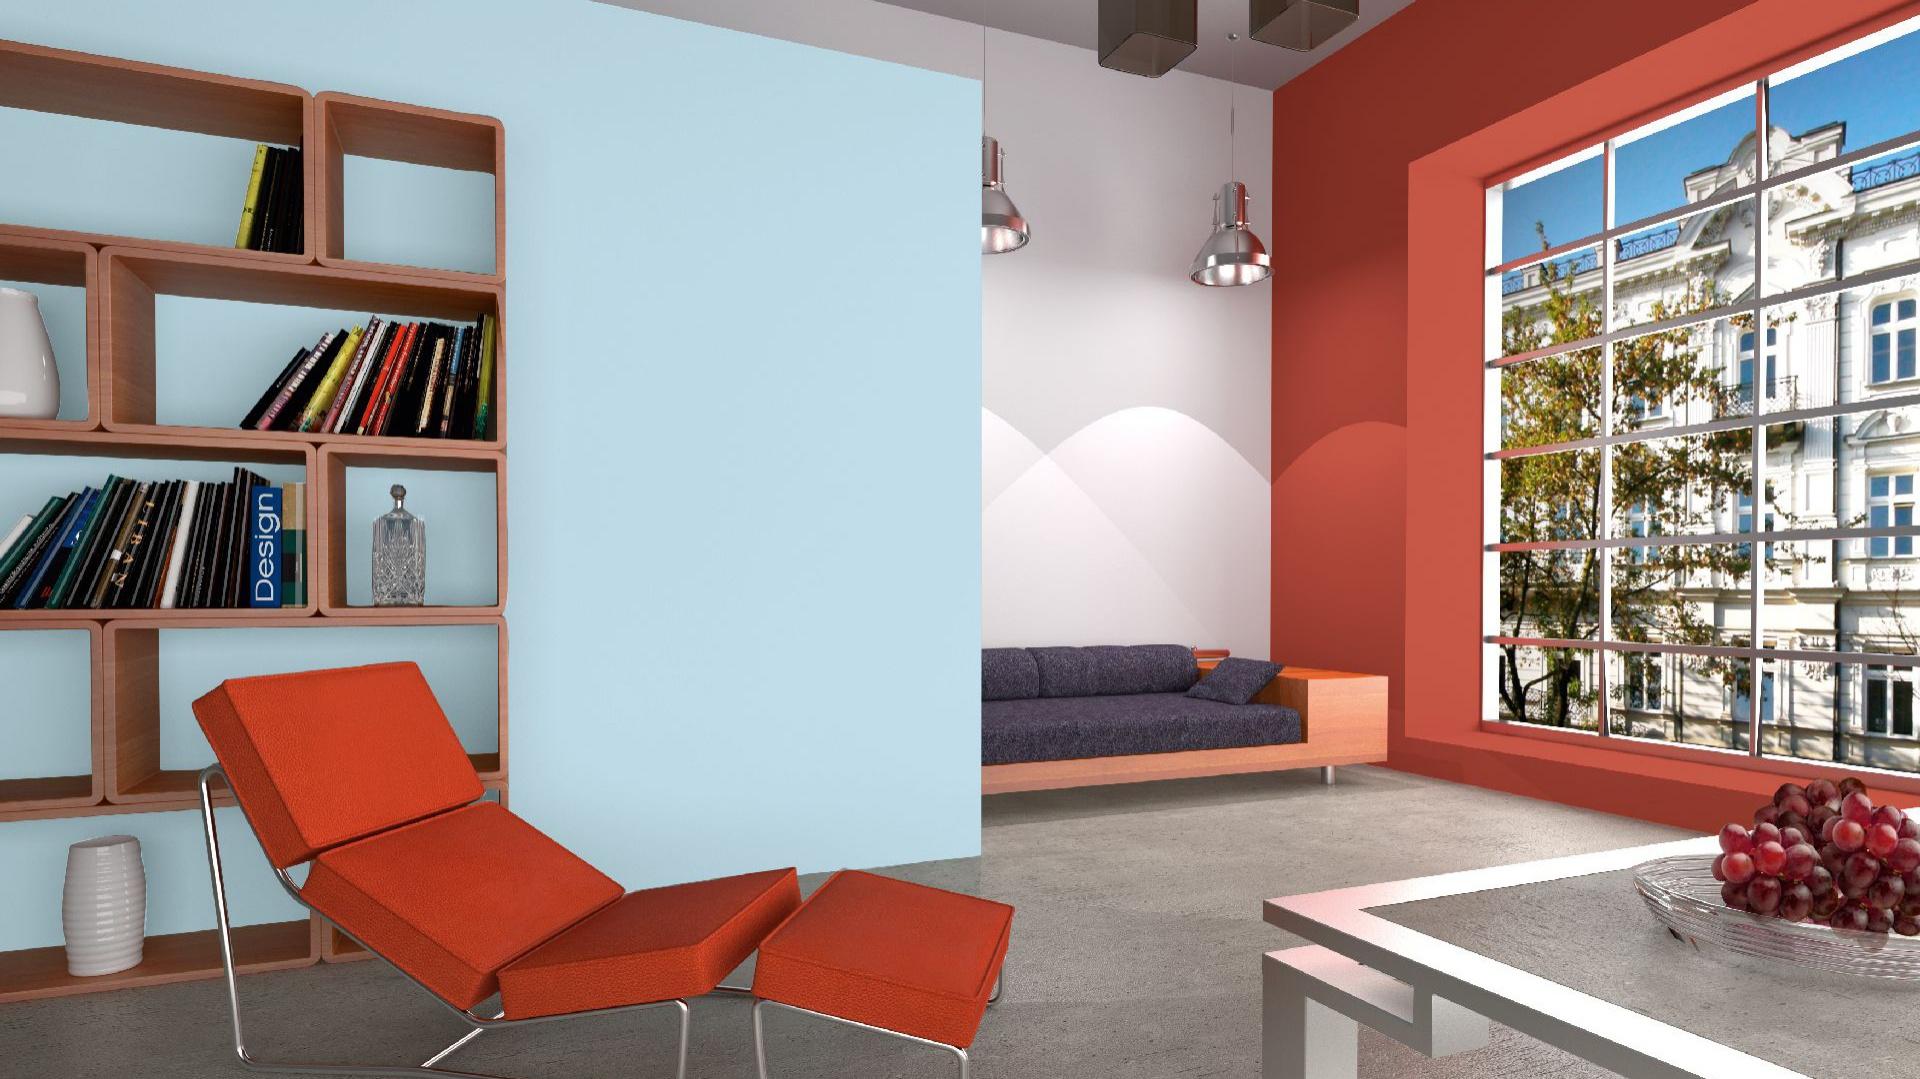 Modny ceglasty kolor to jeden z hitów tego sezonu. Zestawiamy go ze spokojnymi neutralnymi kolorami, jak szarości lub kontrastowe błękity. Fot. Dekoral.